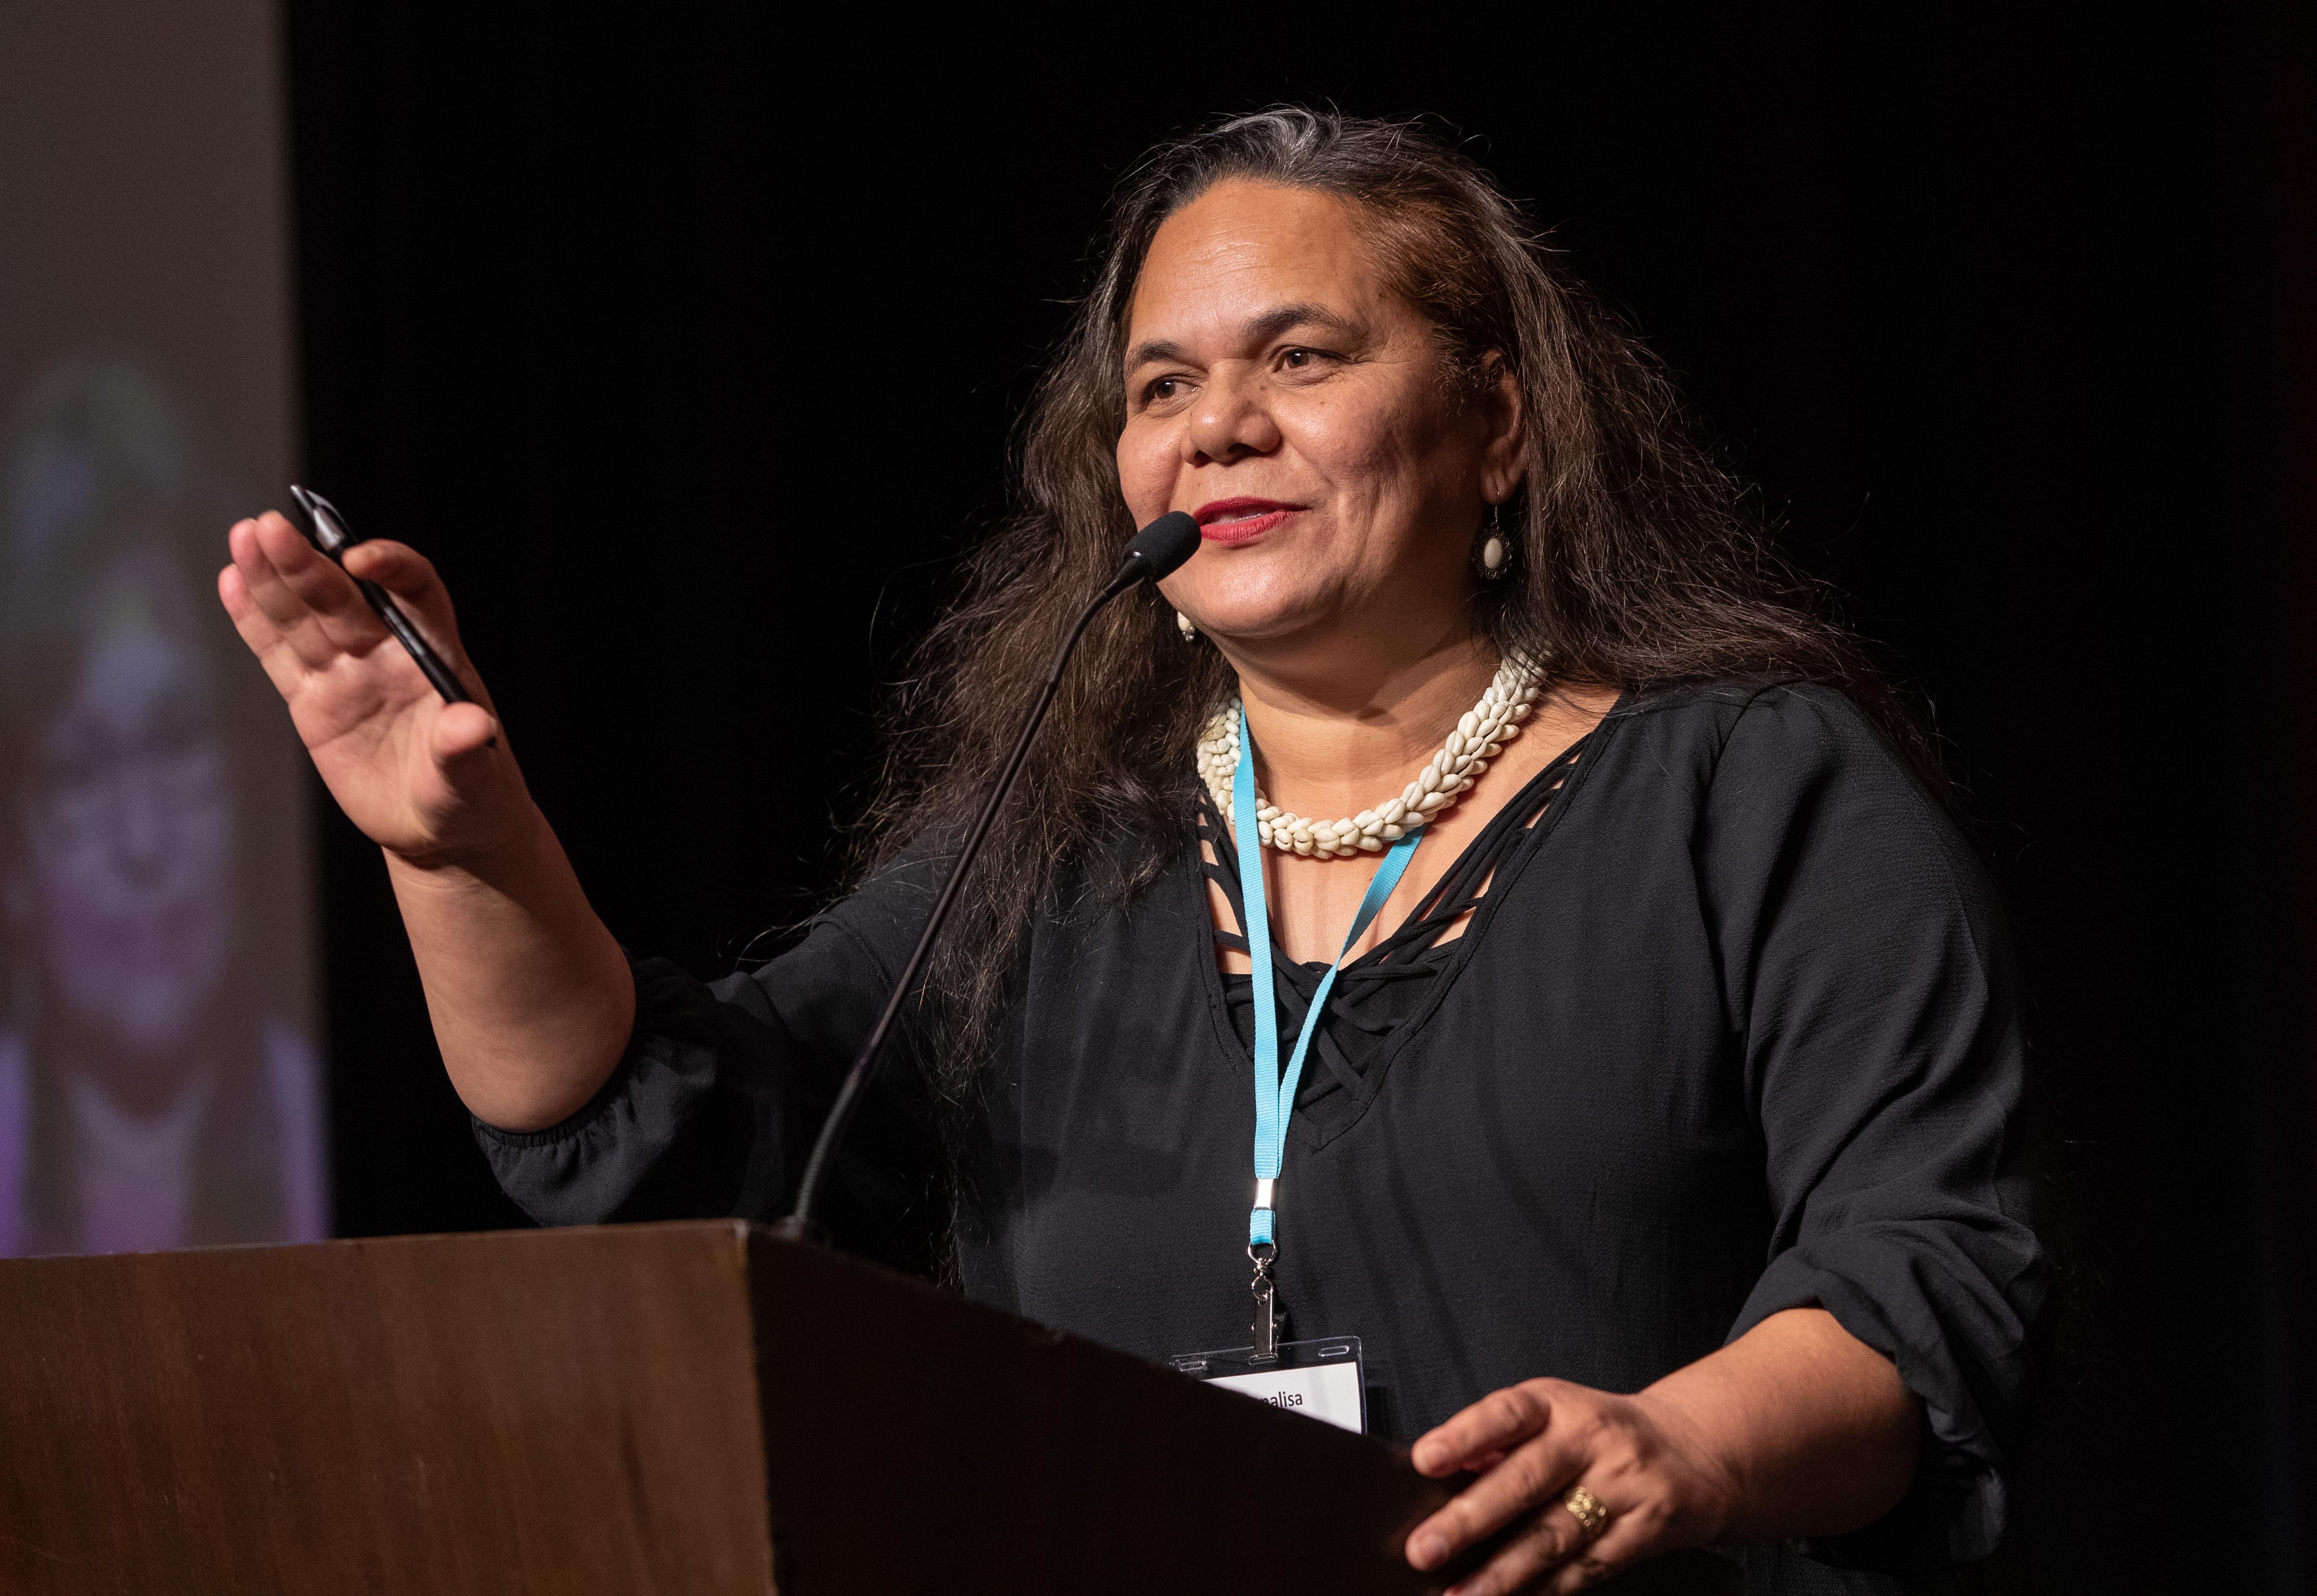 Monalisa Tuitahi, Directora Ejecutiva el Caucus Nacional de las Comunidades Isleñas del Pacífico. Foto Mike BuBose, Noticias MU.